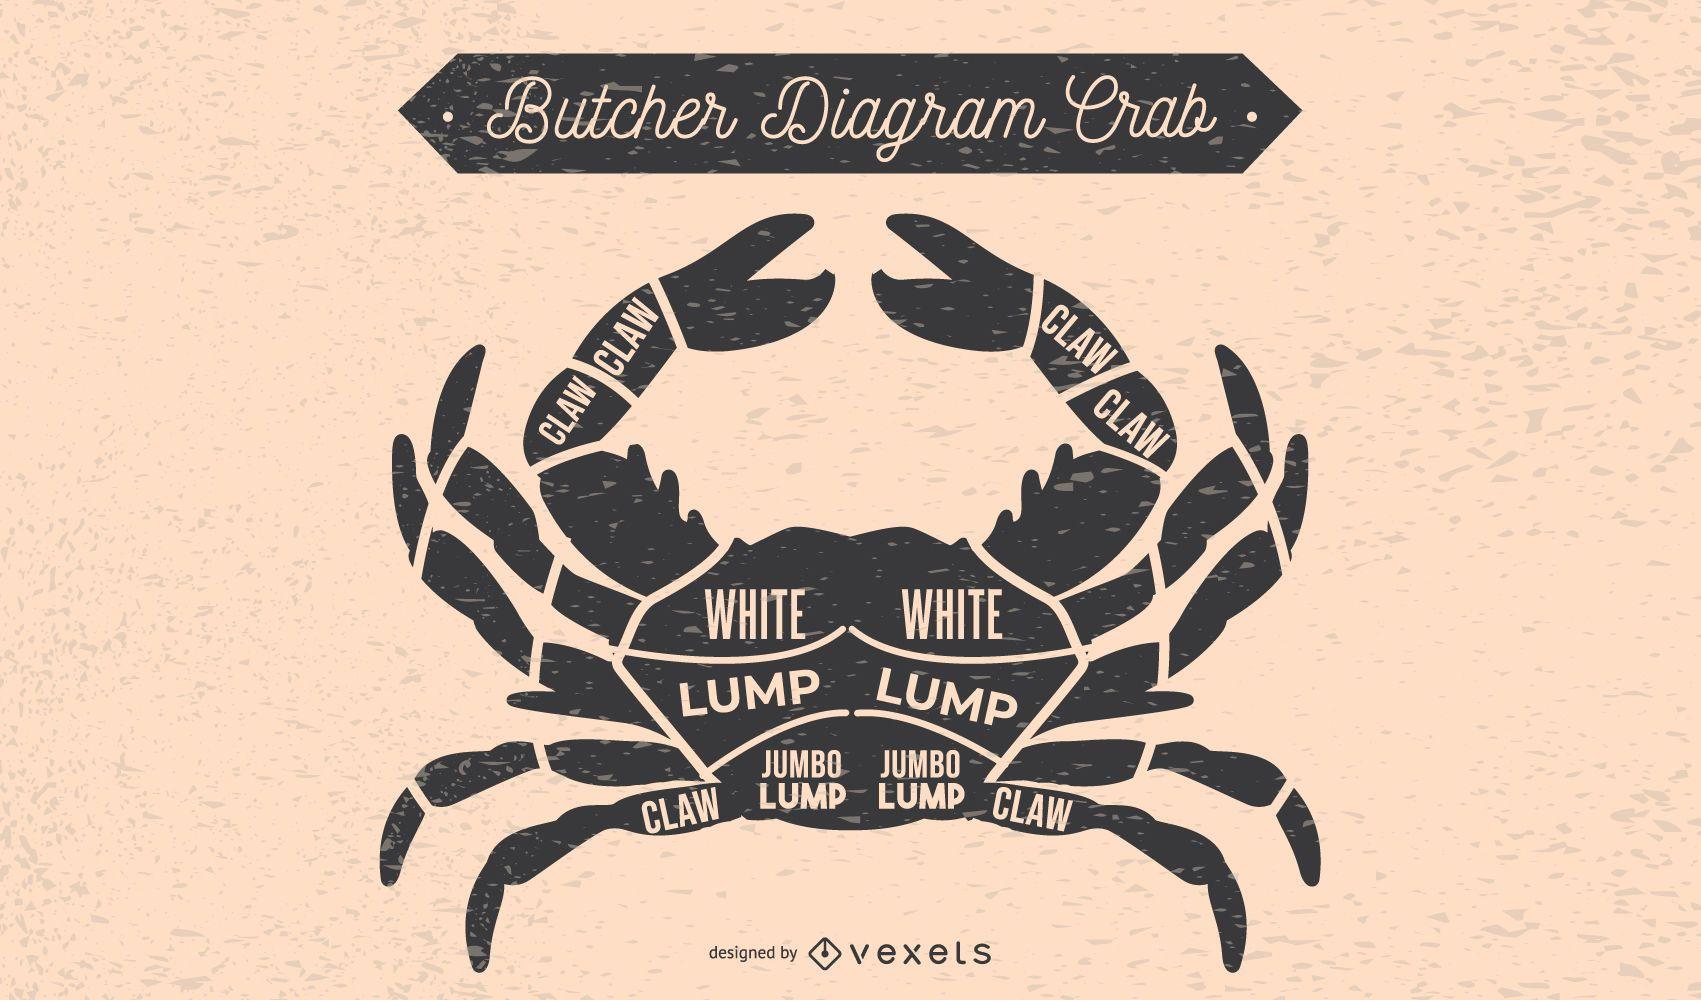 Crab Butcher Diagram